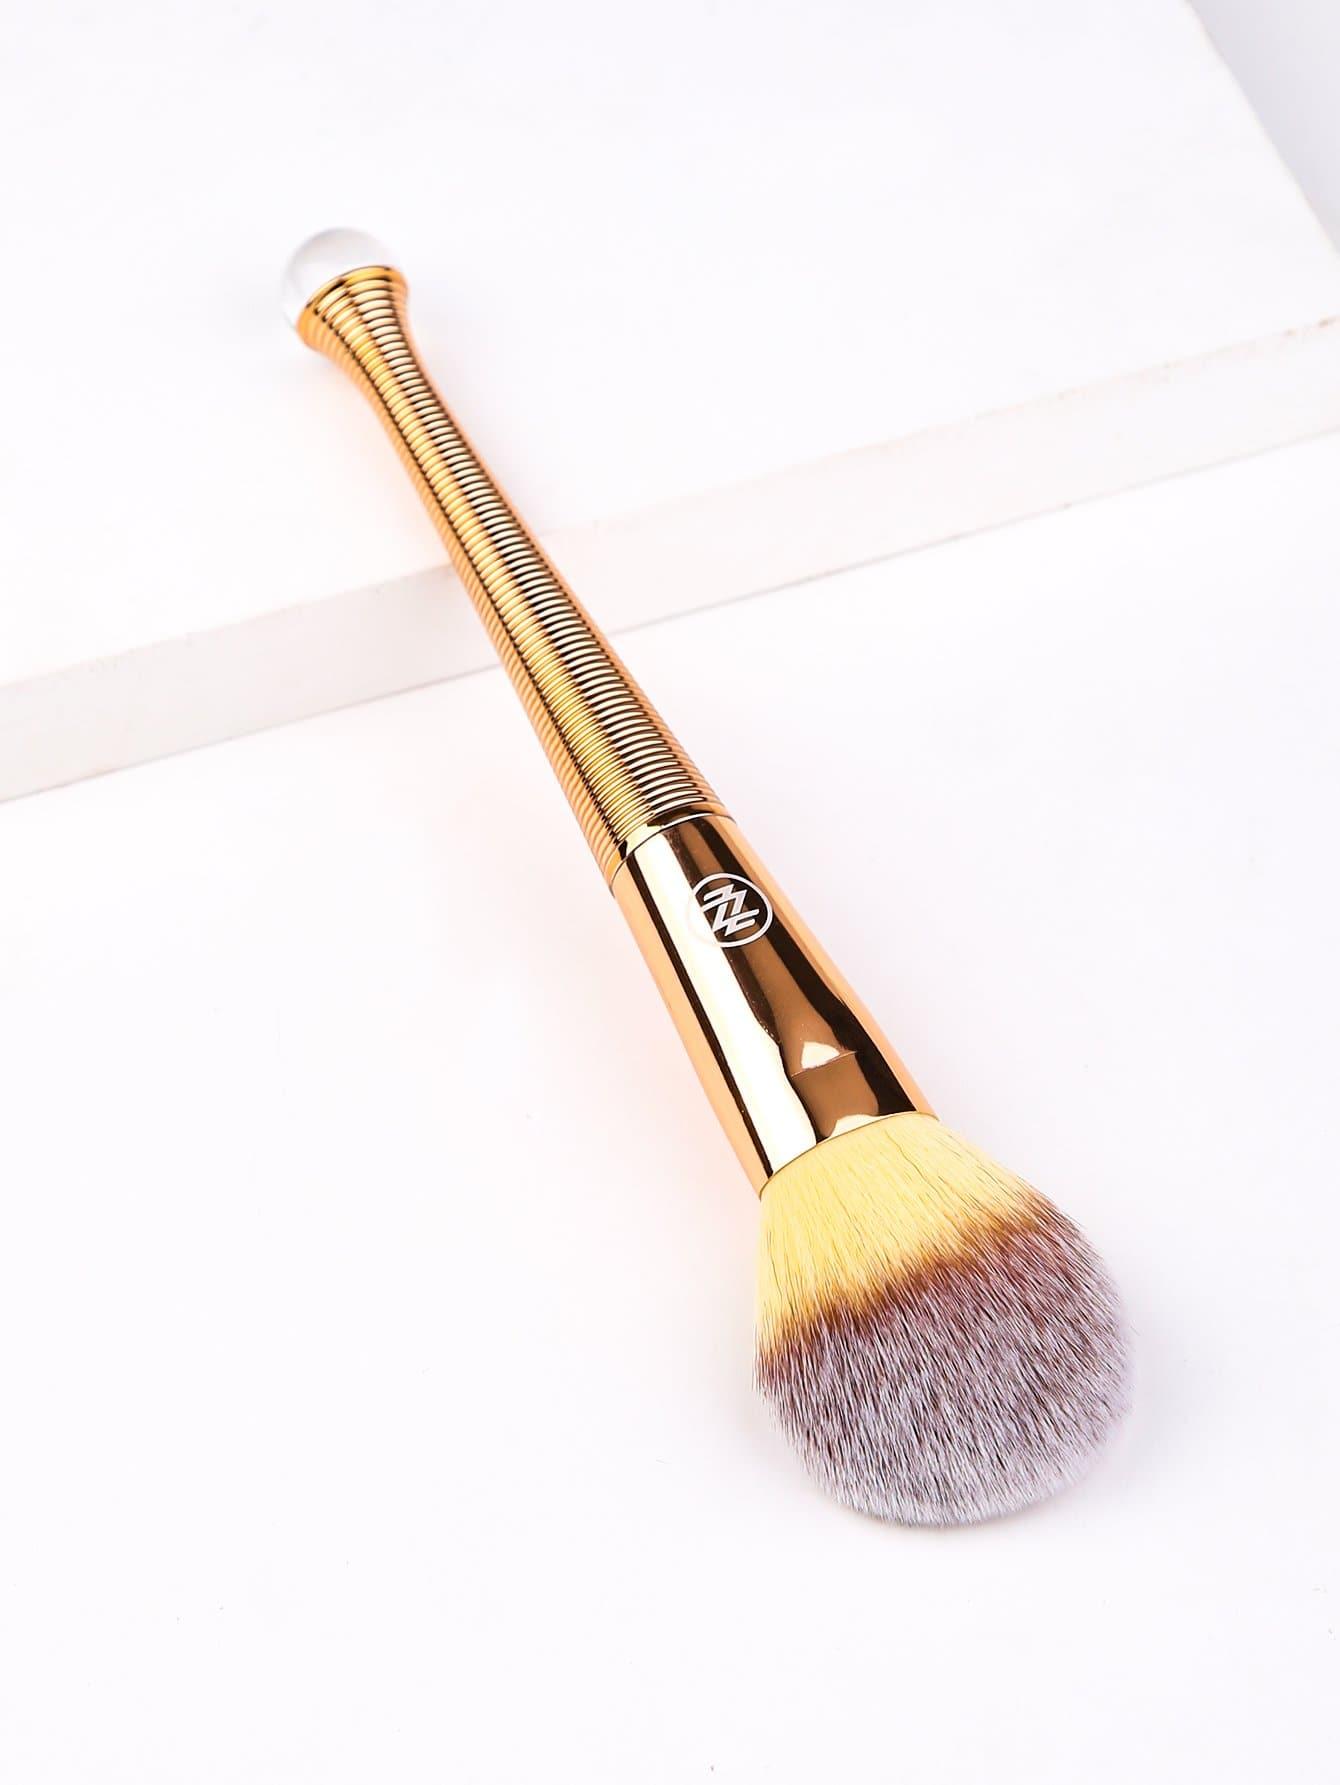 Poignée Métallique En Poudre Pinceau À Maquillage